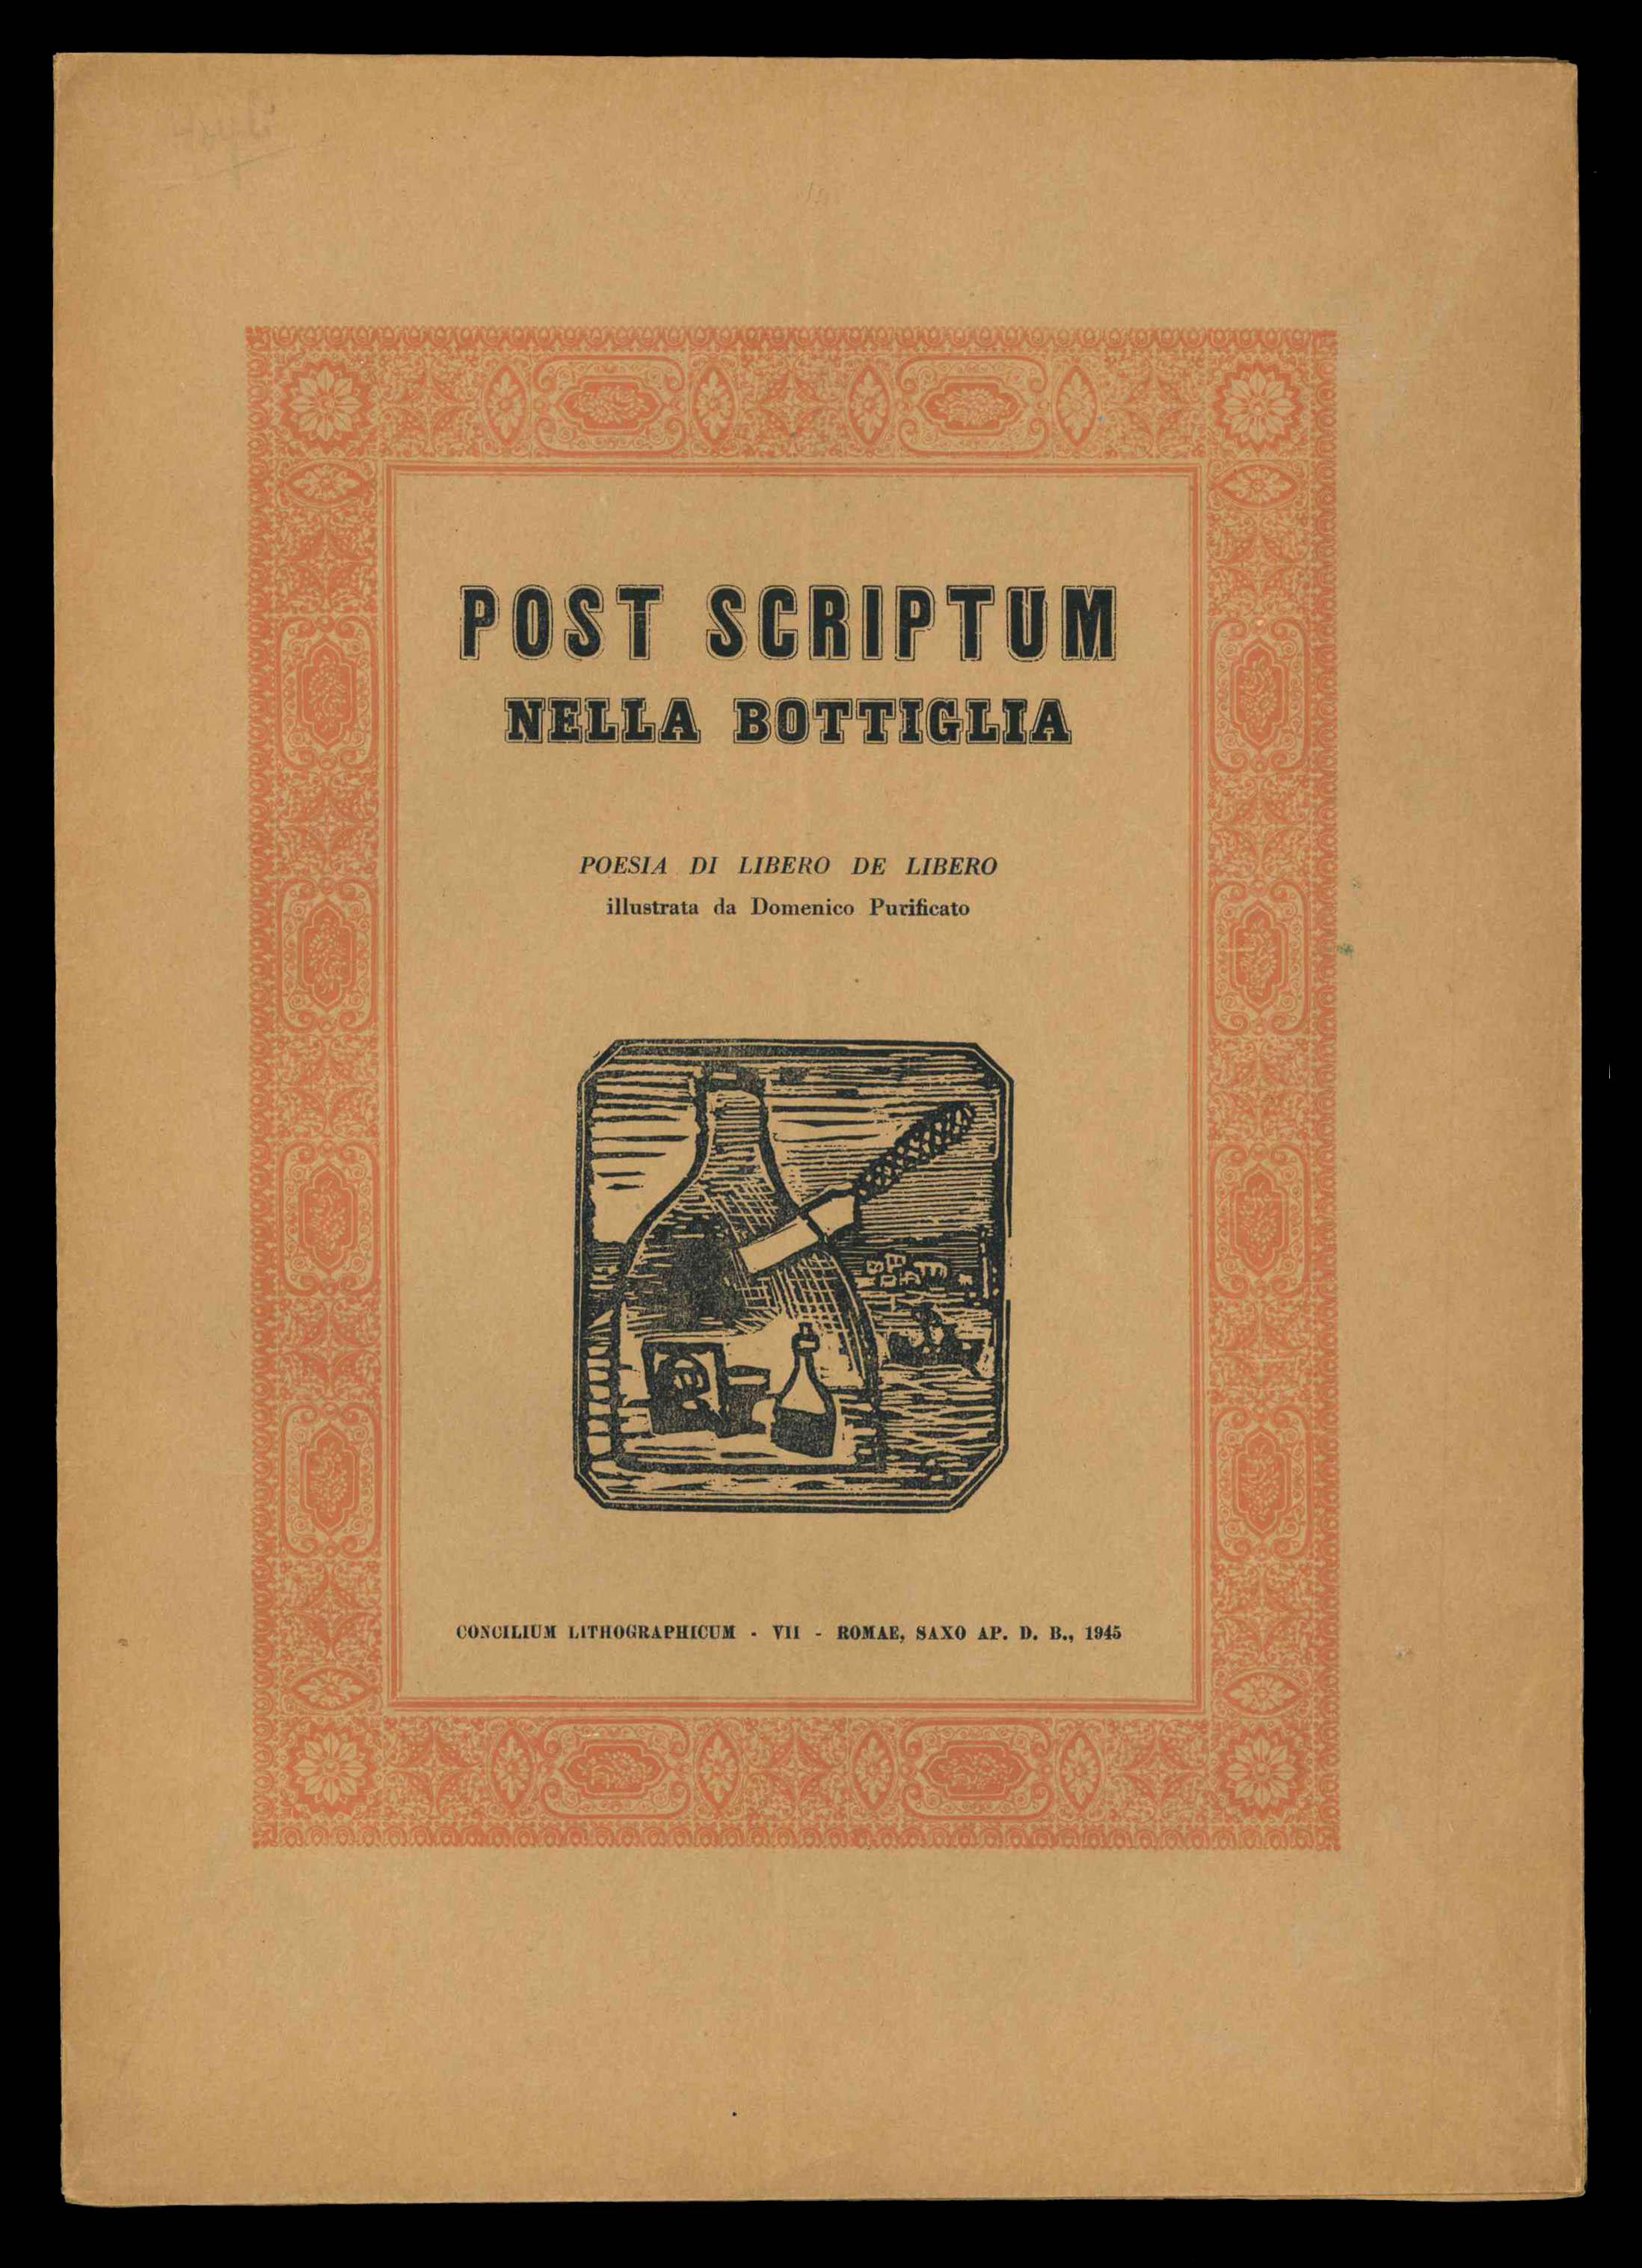 De Libero - Post scriptum